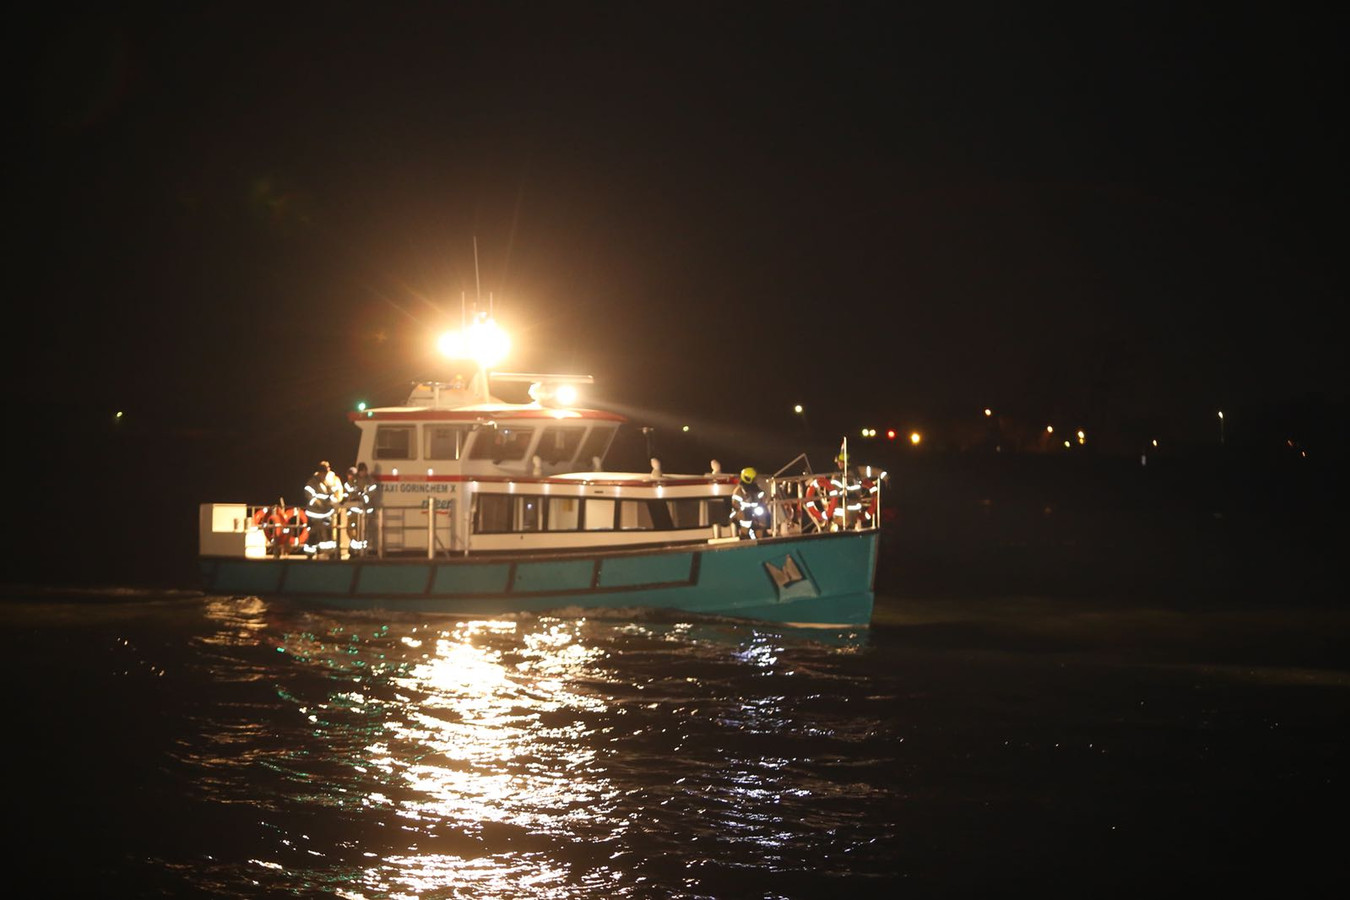 Vanaf een boot wordt ook gezocht naar de auto.